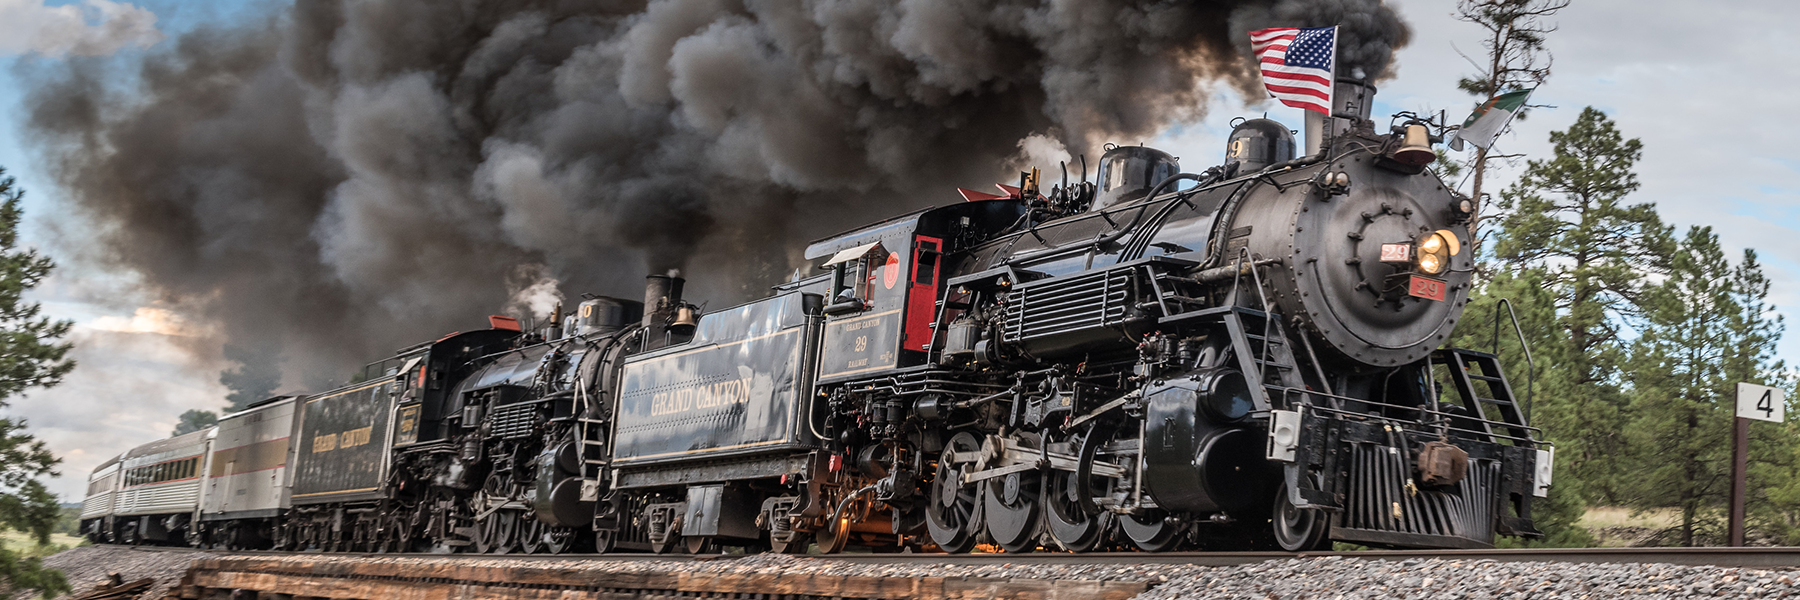 Upcoming Events At Grand Canyon Grand Canyon Railway Hotel